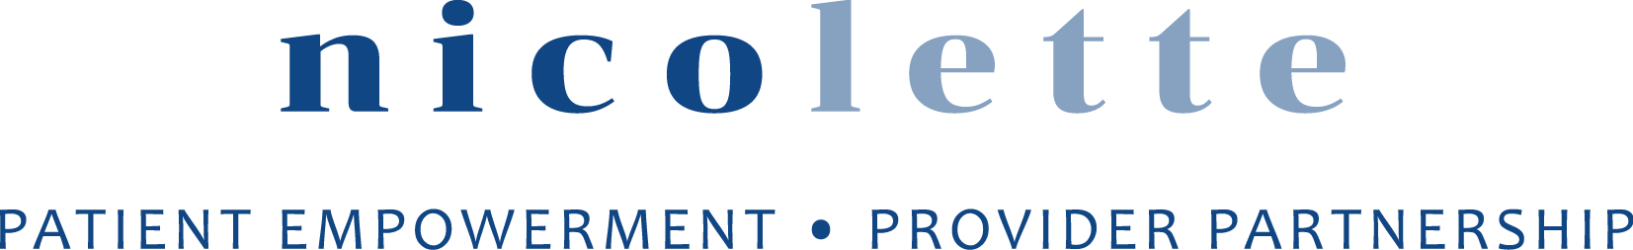 Nicolette_logo.png